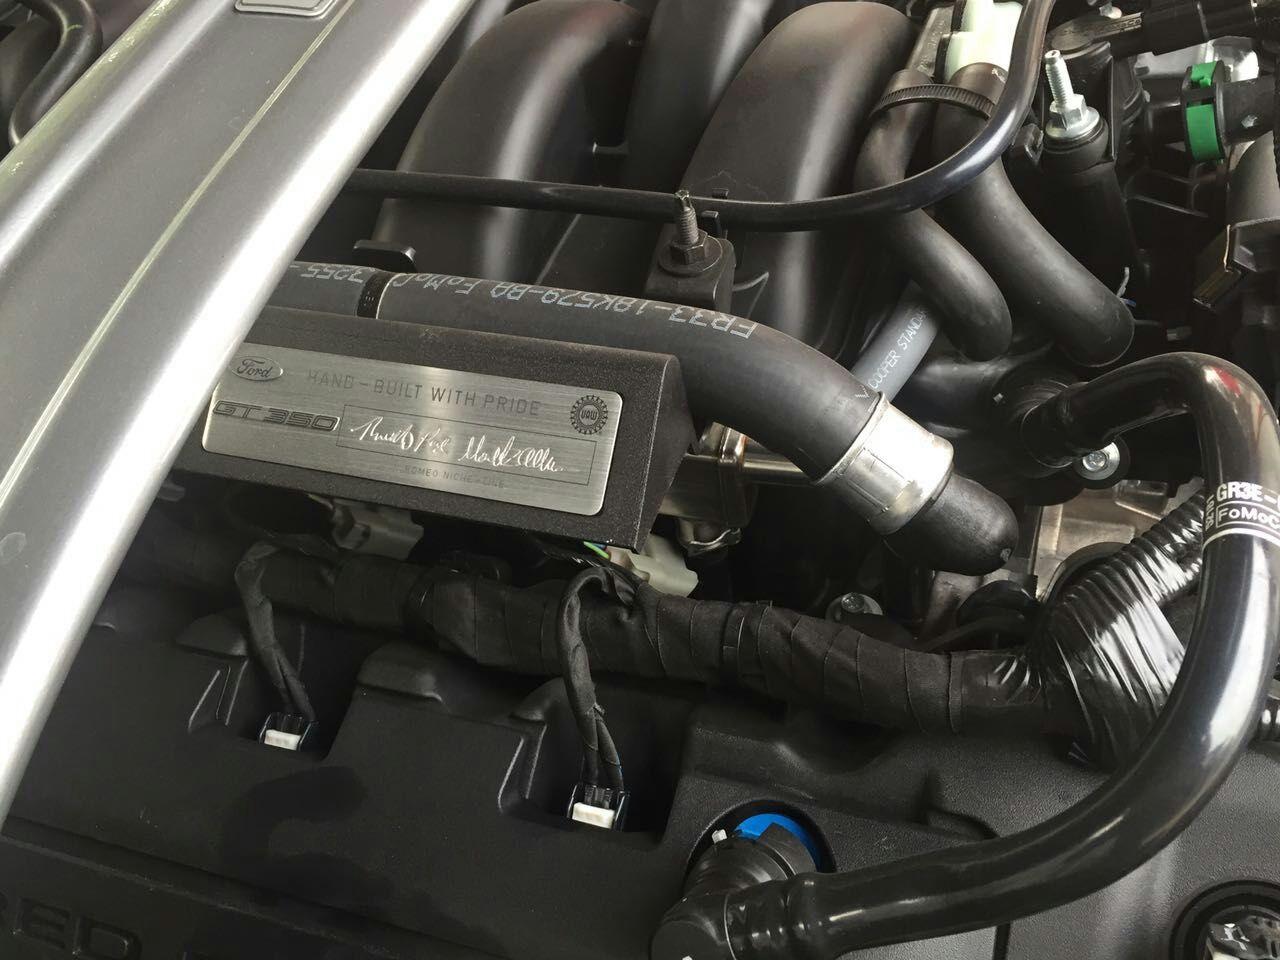 16款福特眼镜蛇谢尔比v8机械增压发动